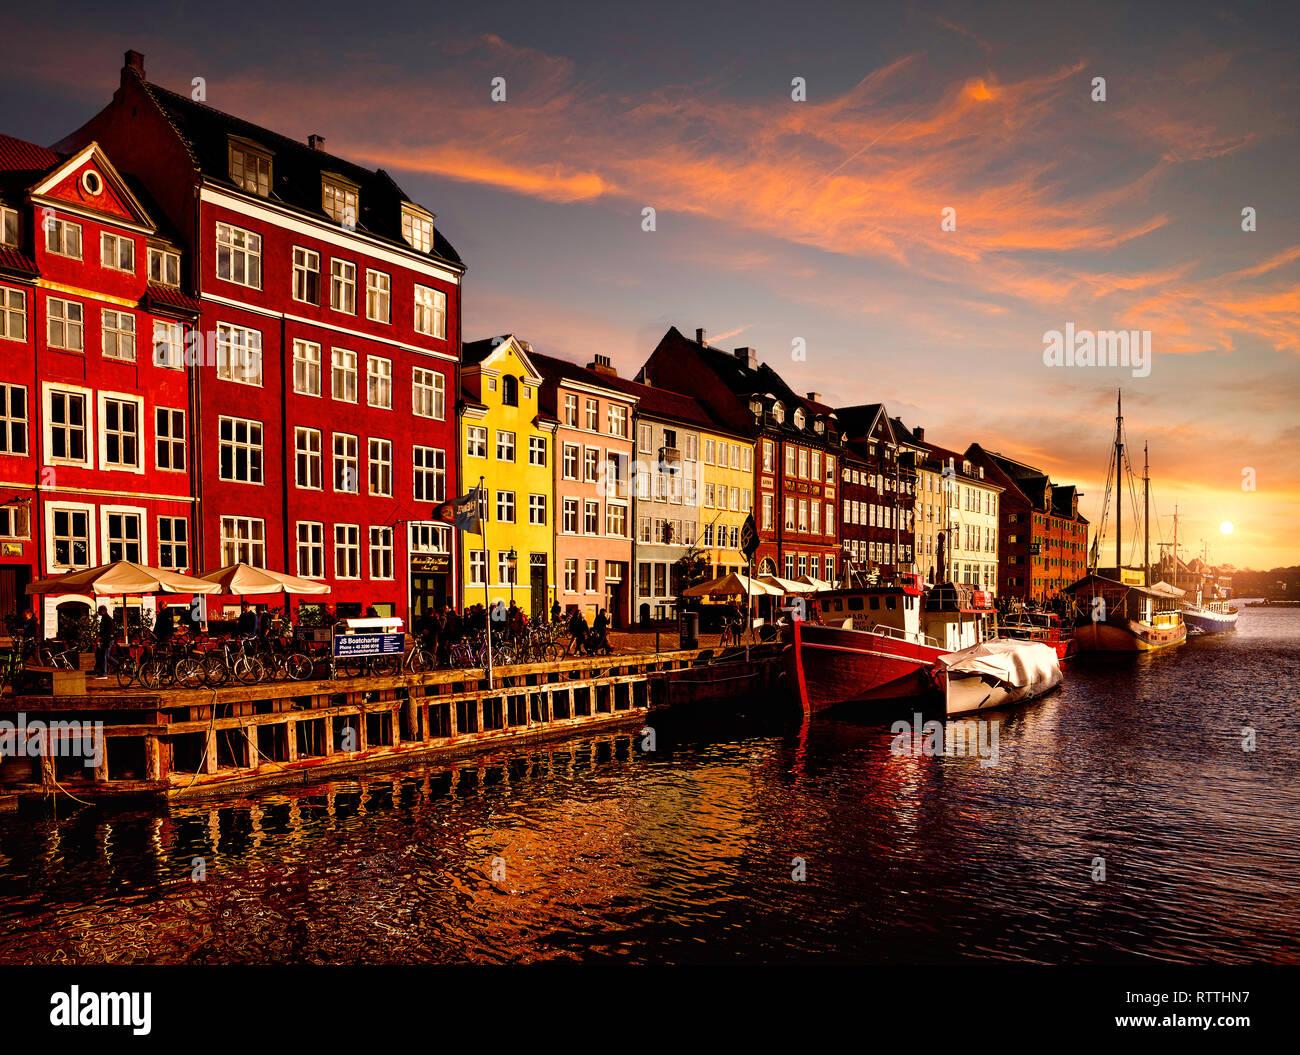 Bei Sonnenuntergang Nyhavn, Kopenhagen, Dänemark. Stockfoto